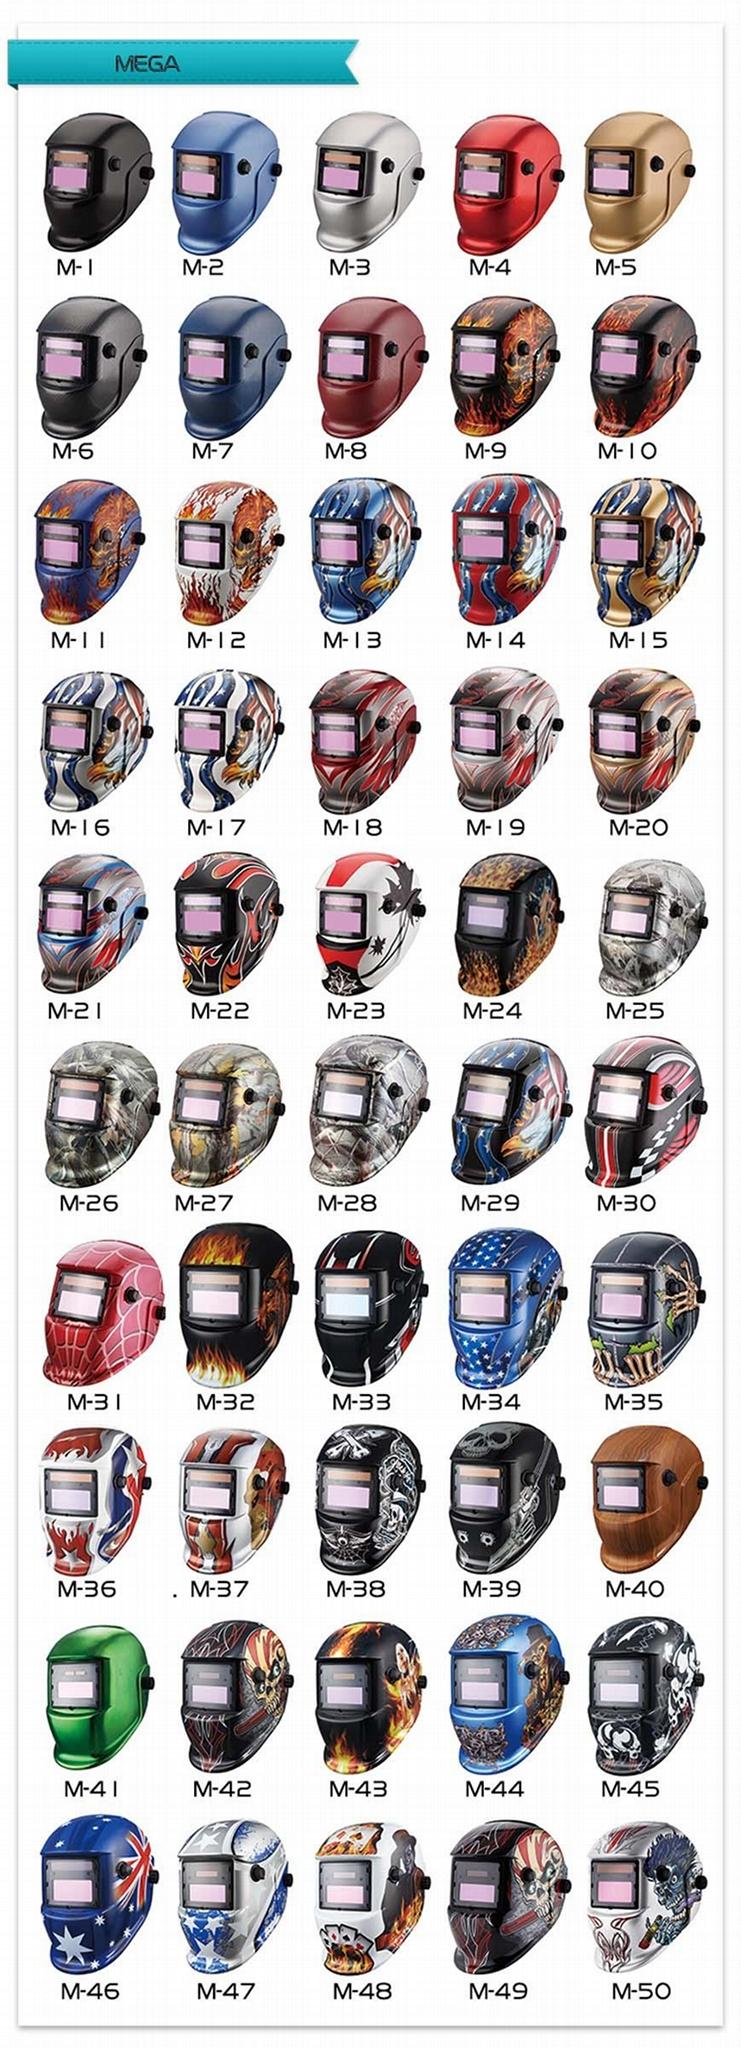 MEGA Custom Welding Helmets 3